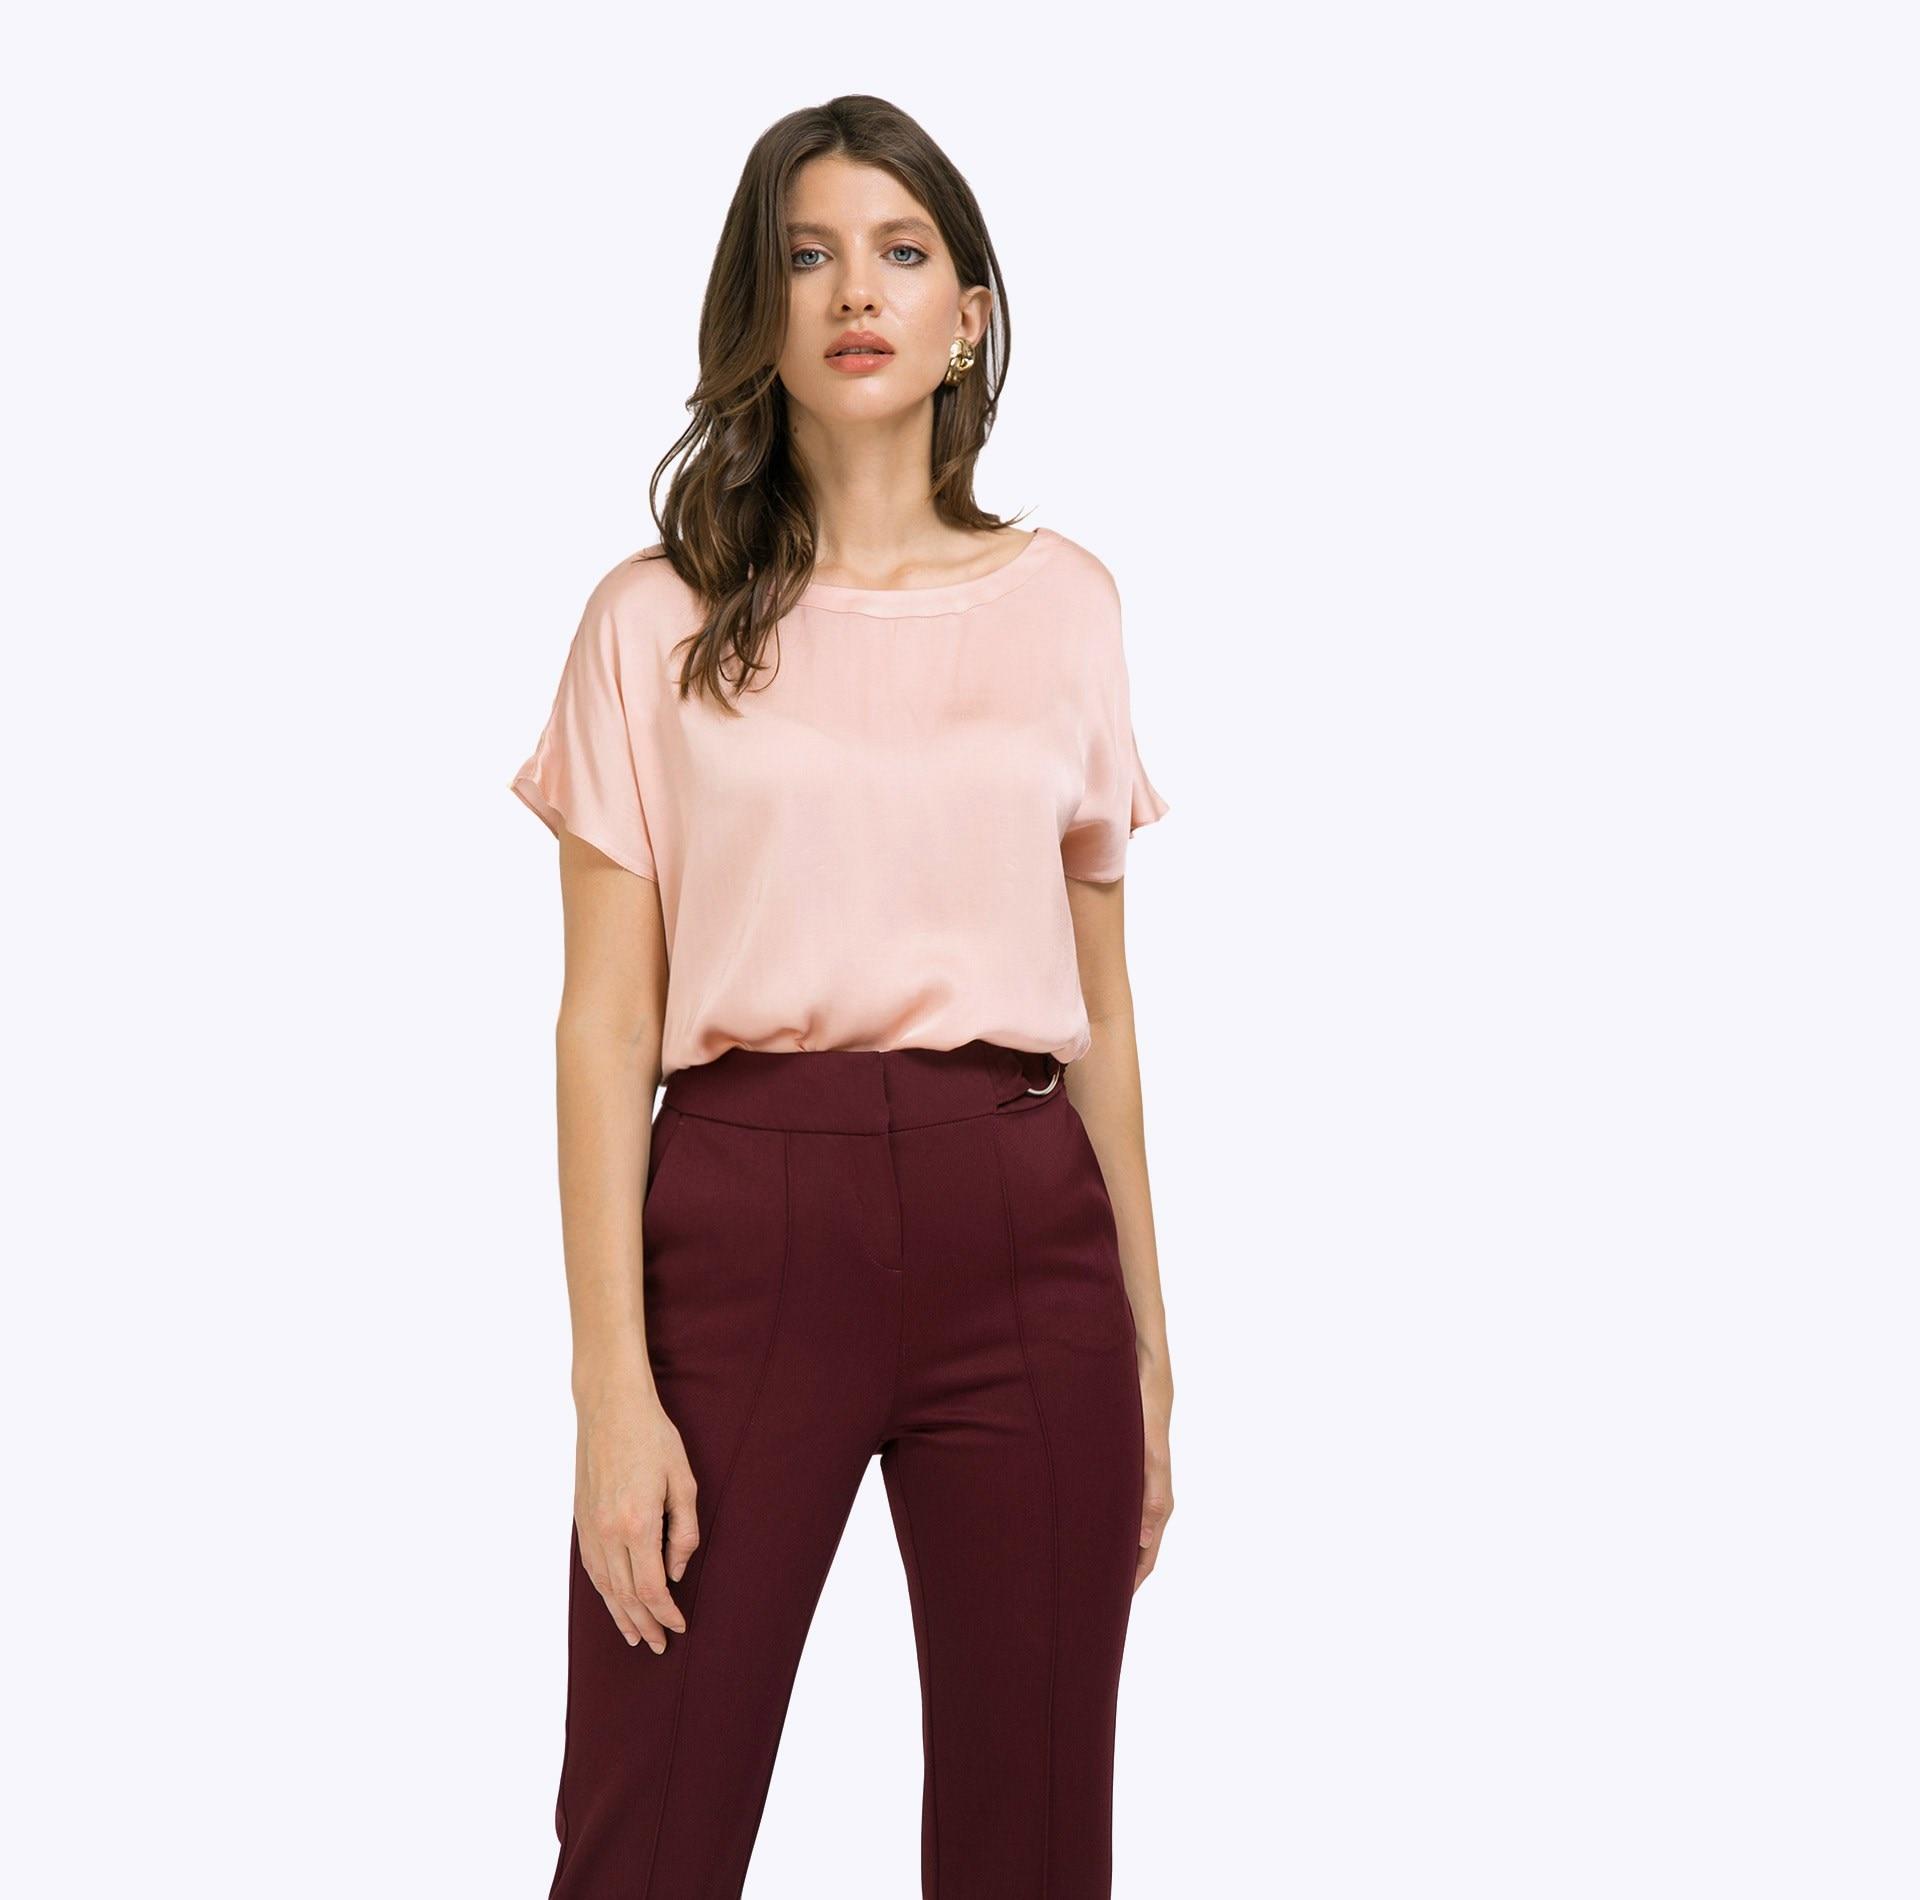 Blouse B2319/rozy ruffle trim blouse